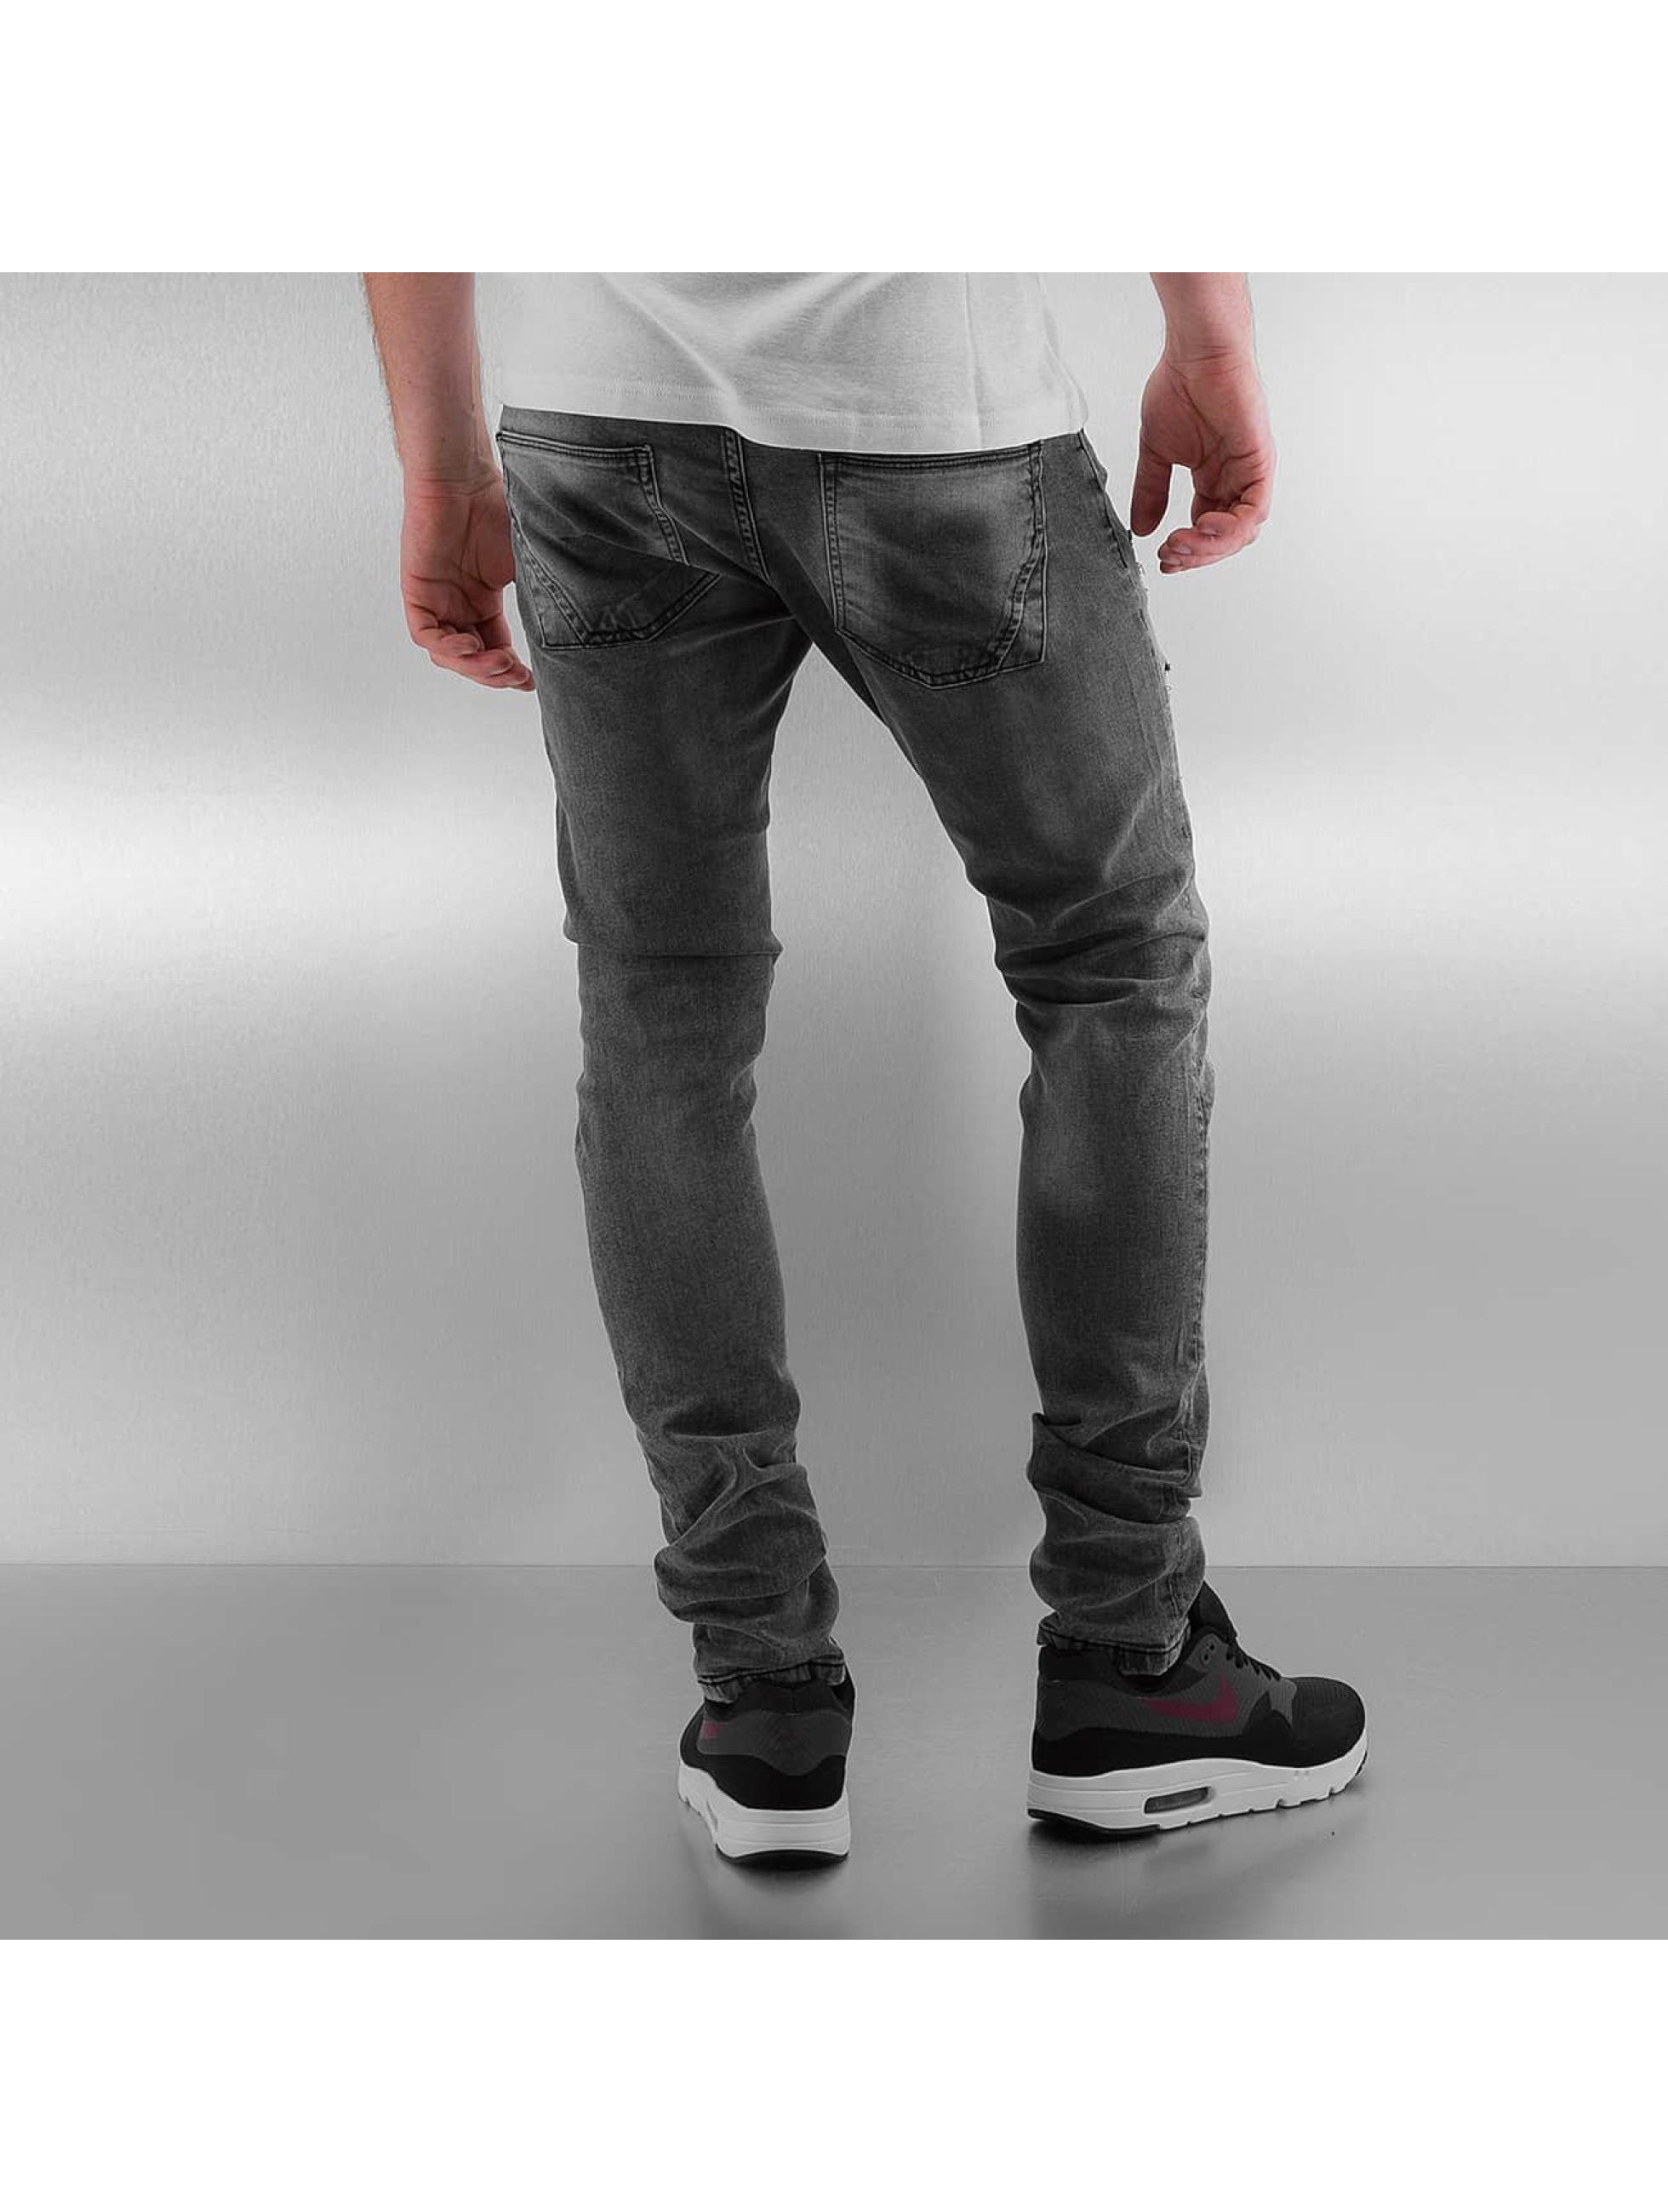 2Y Skinny Jeans Stitch grau